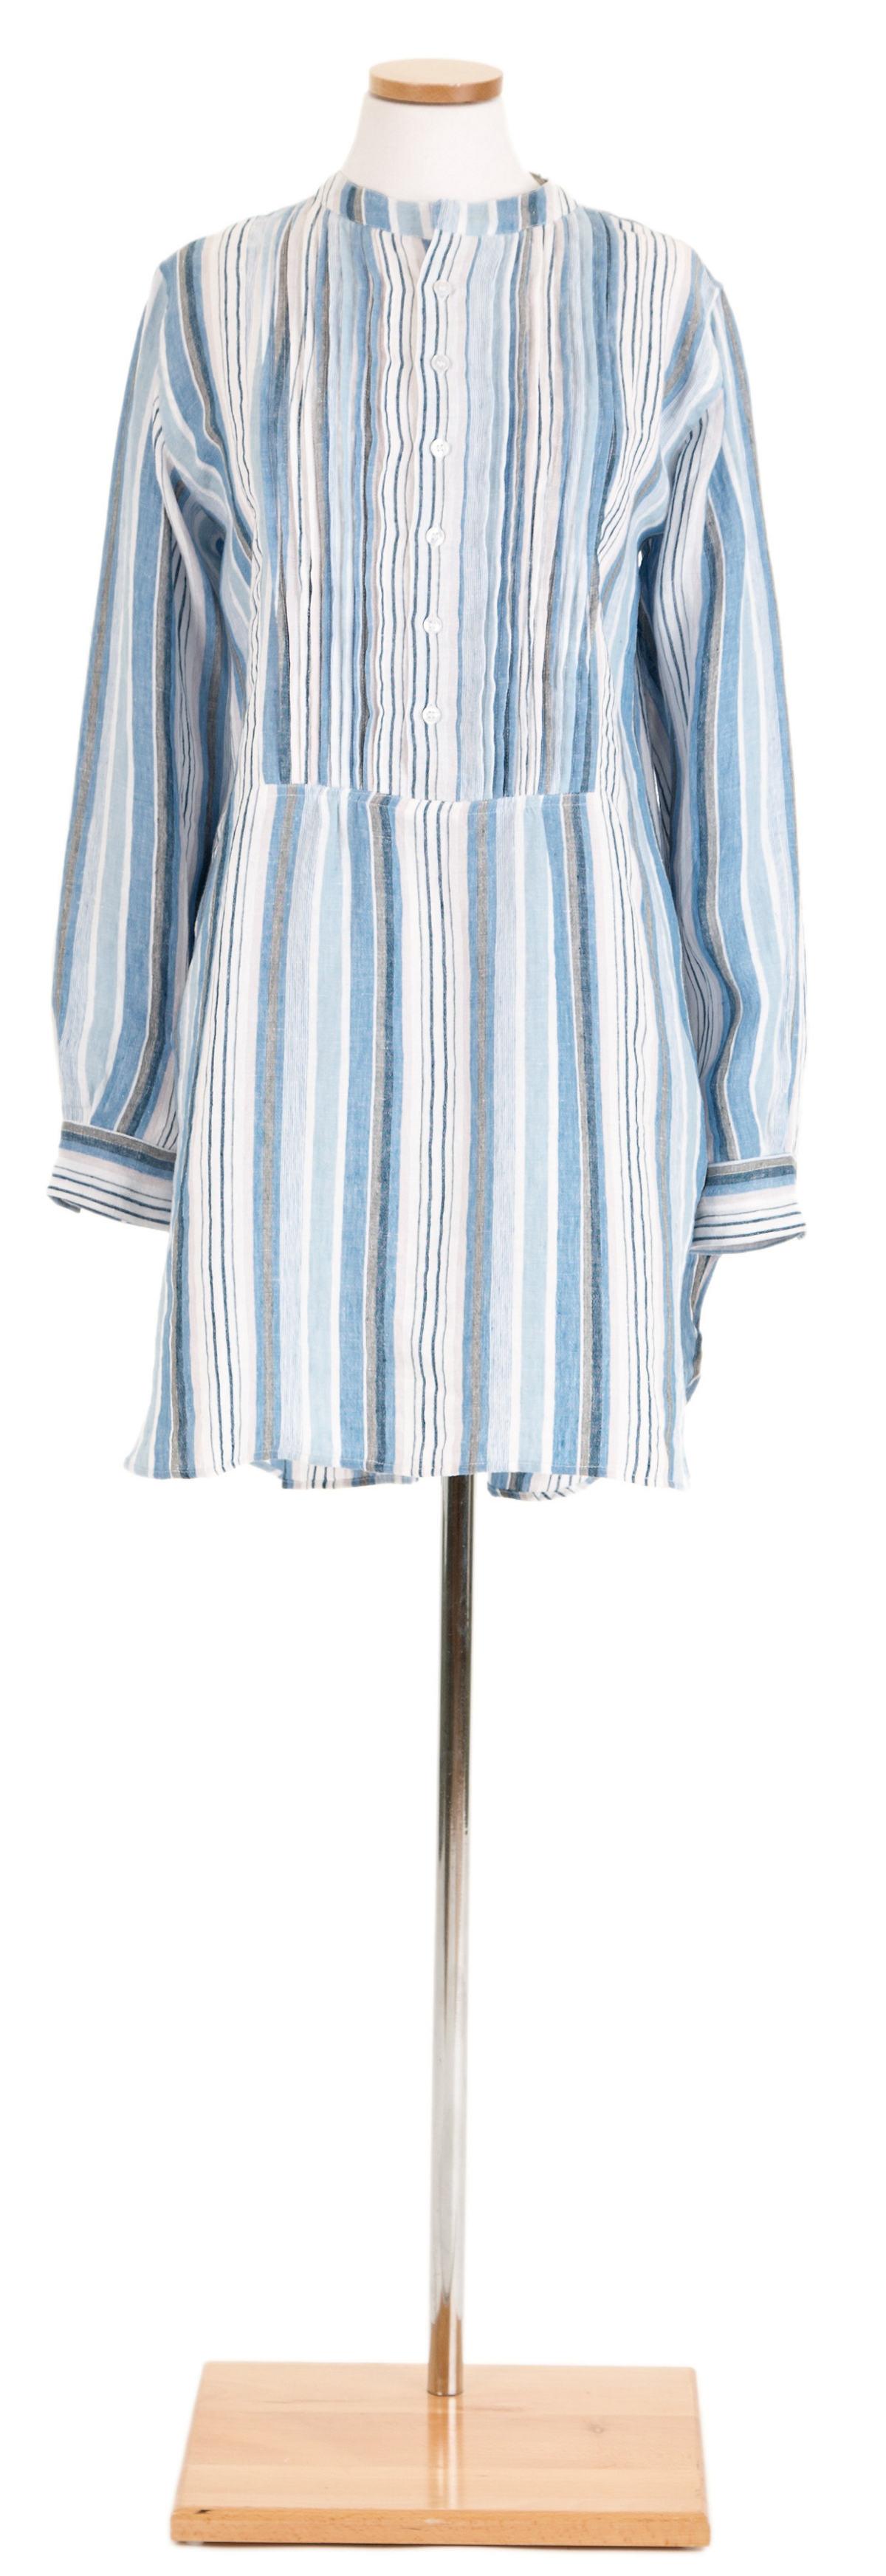 Honfleur Linen Tunic